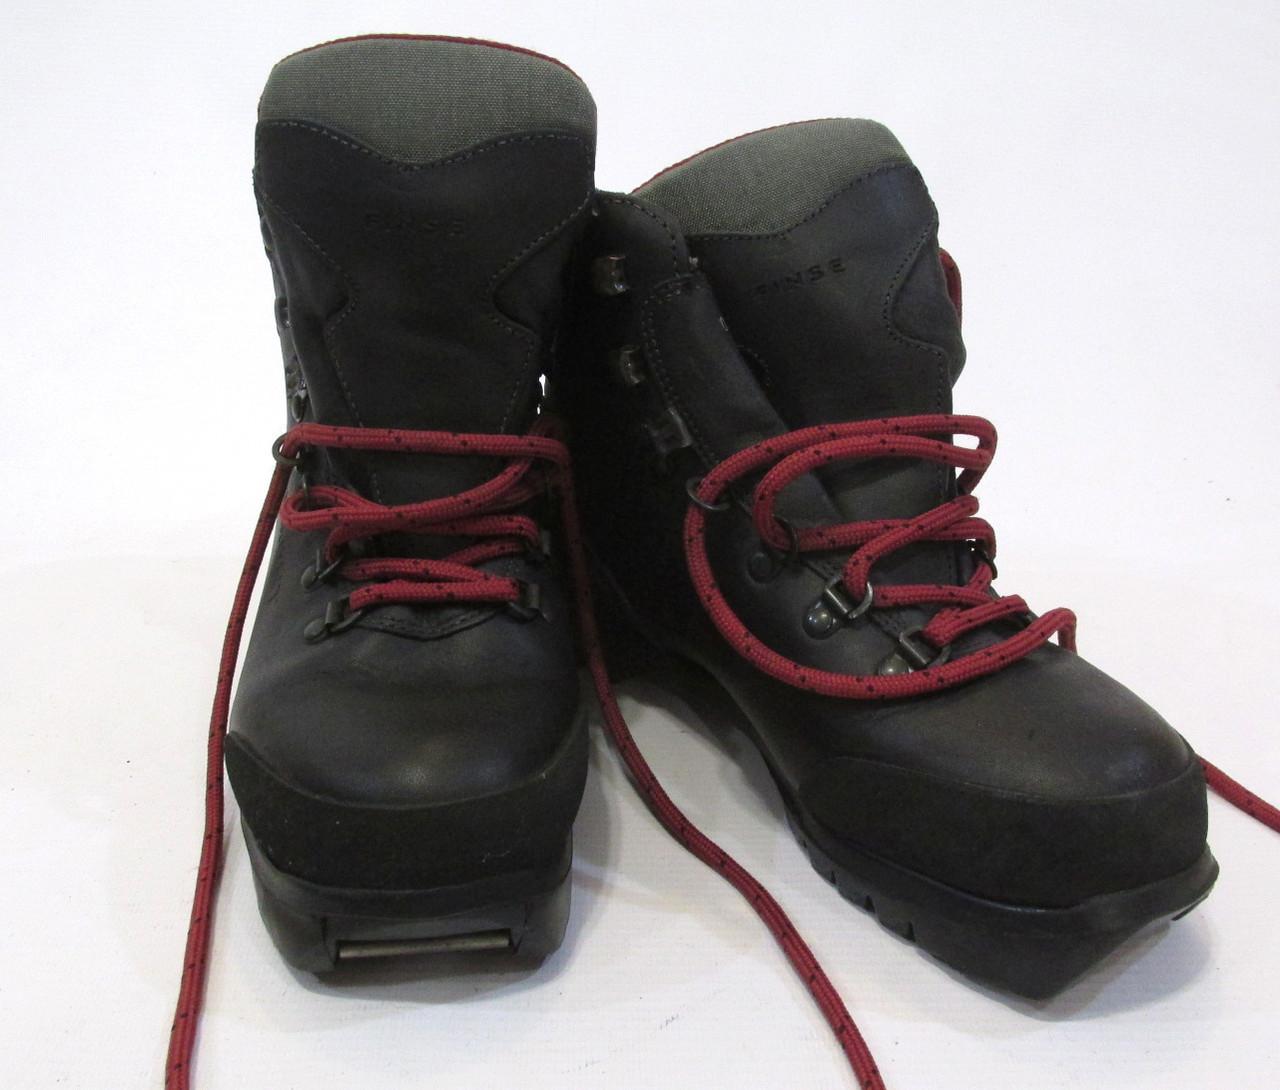 Ботинки лыжные + треккинговые, Garmont, 37 (24) NNN профиль (беговые),